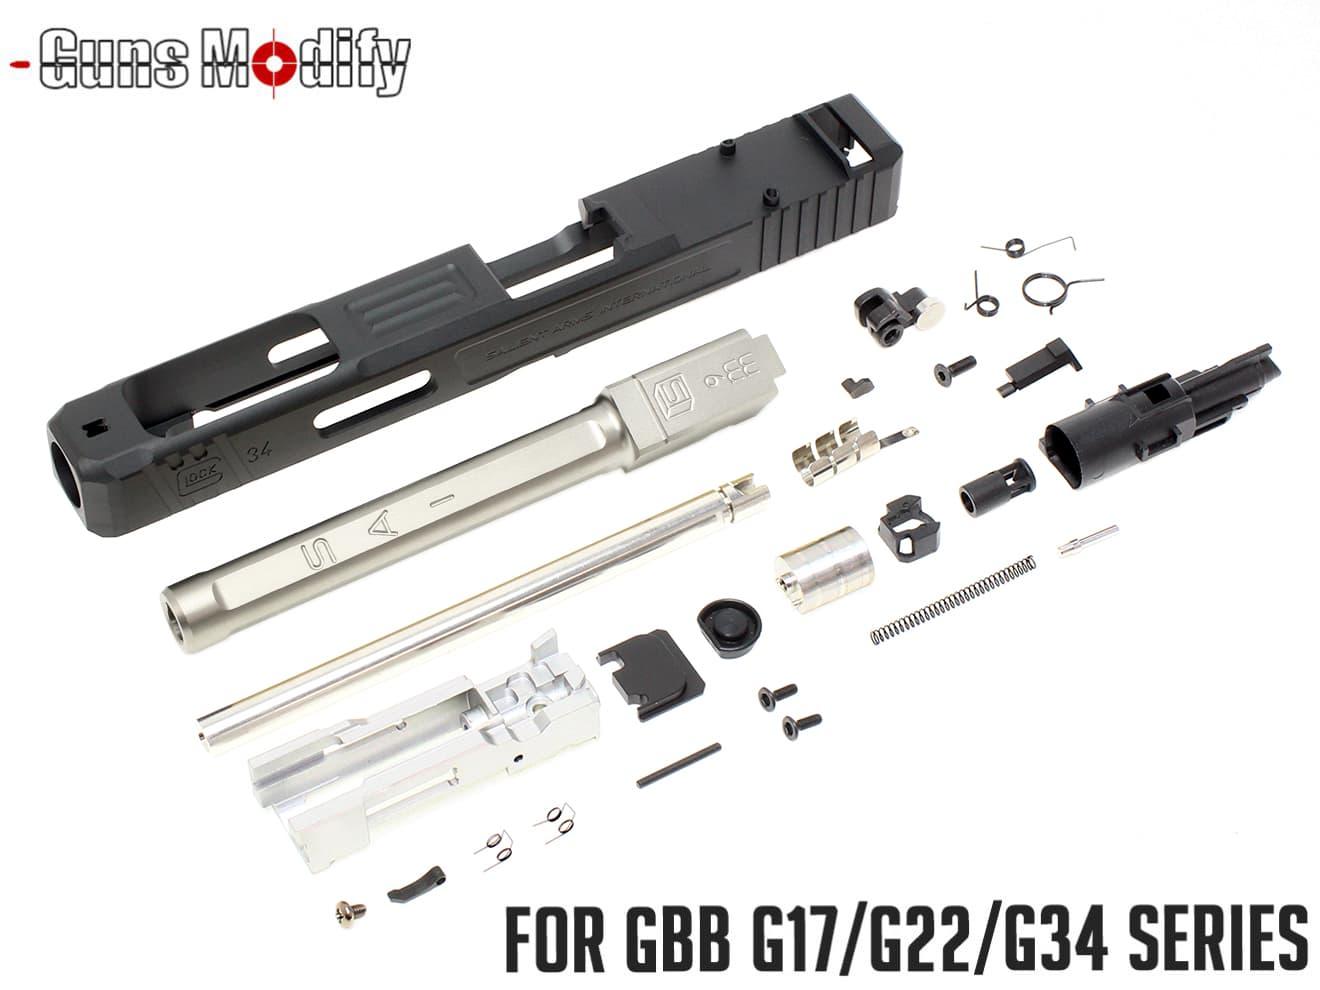 Guns Modify G34 SA CNC Tier 1 RMR アルミスライド&ボックスフルート ステンレスアウターバレル w/ ブローバックエンジンフルセット